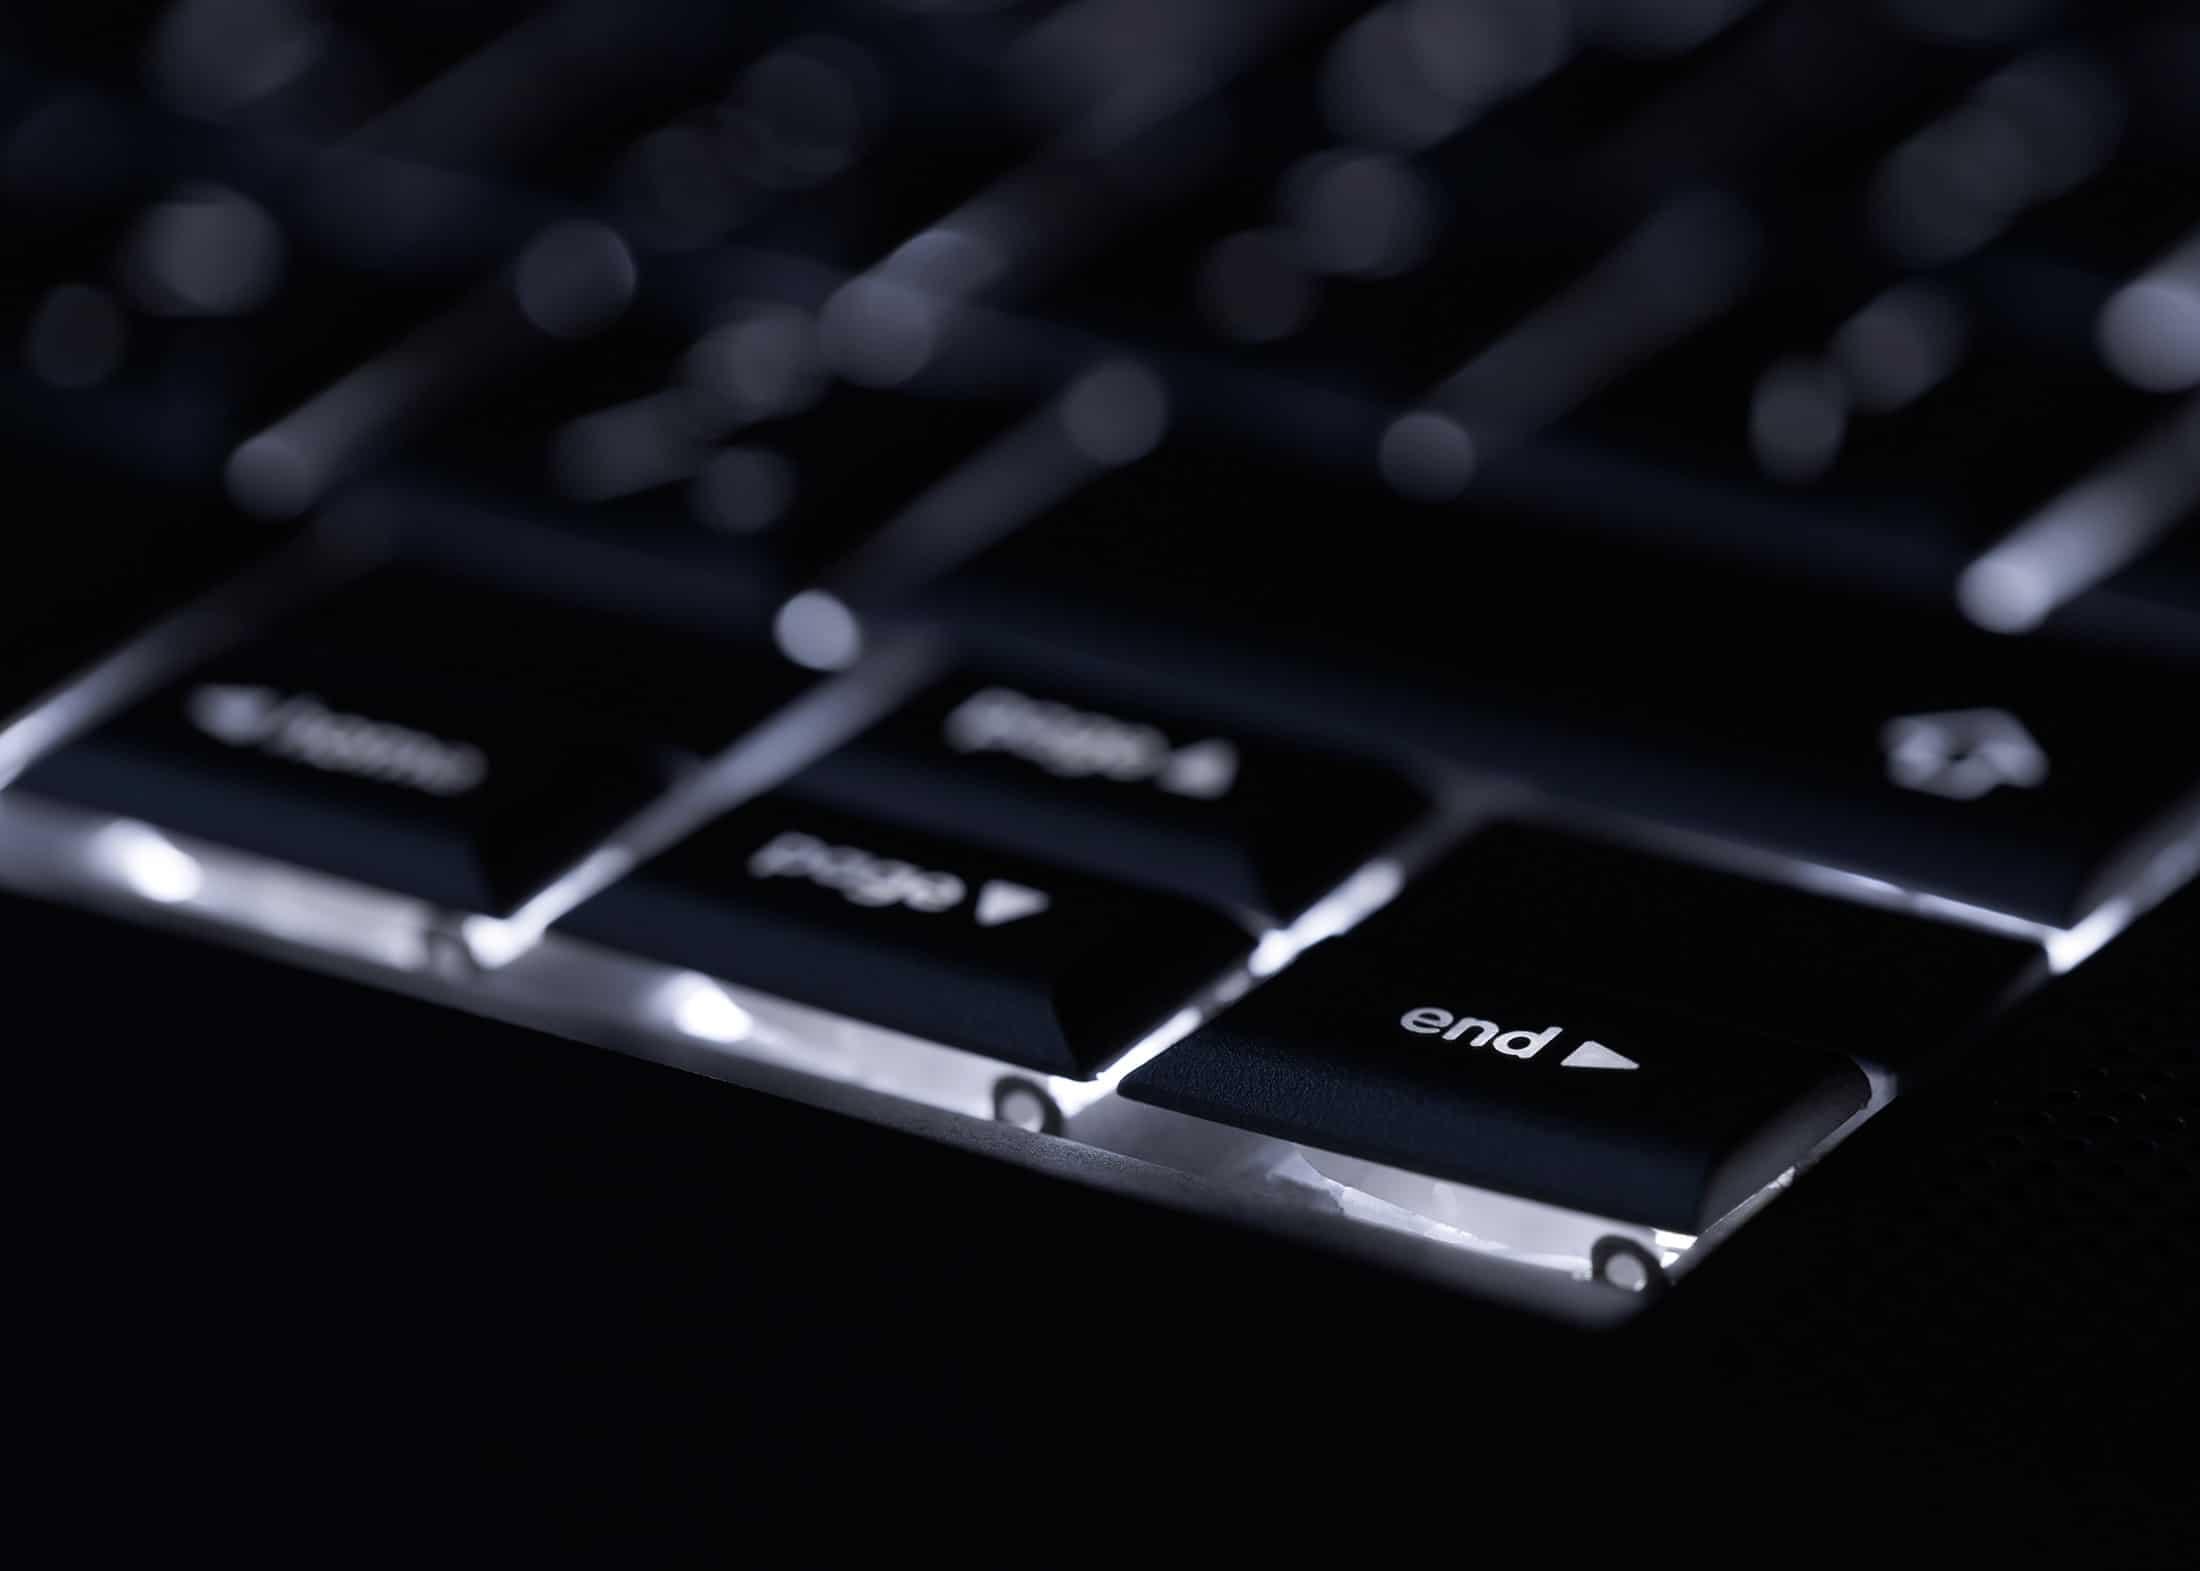 Teclado de Mac